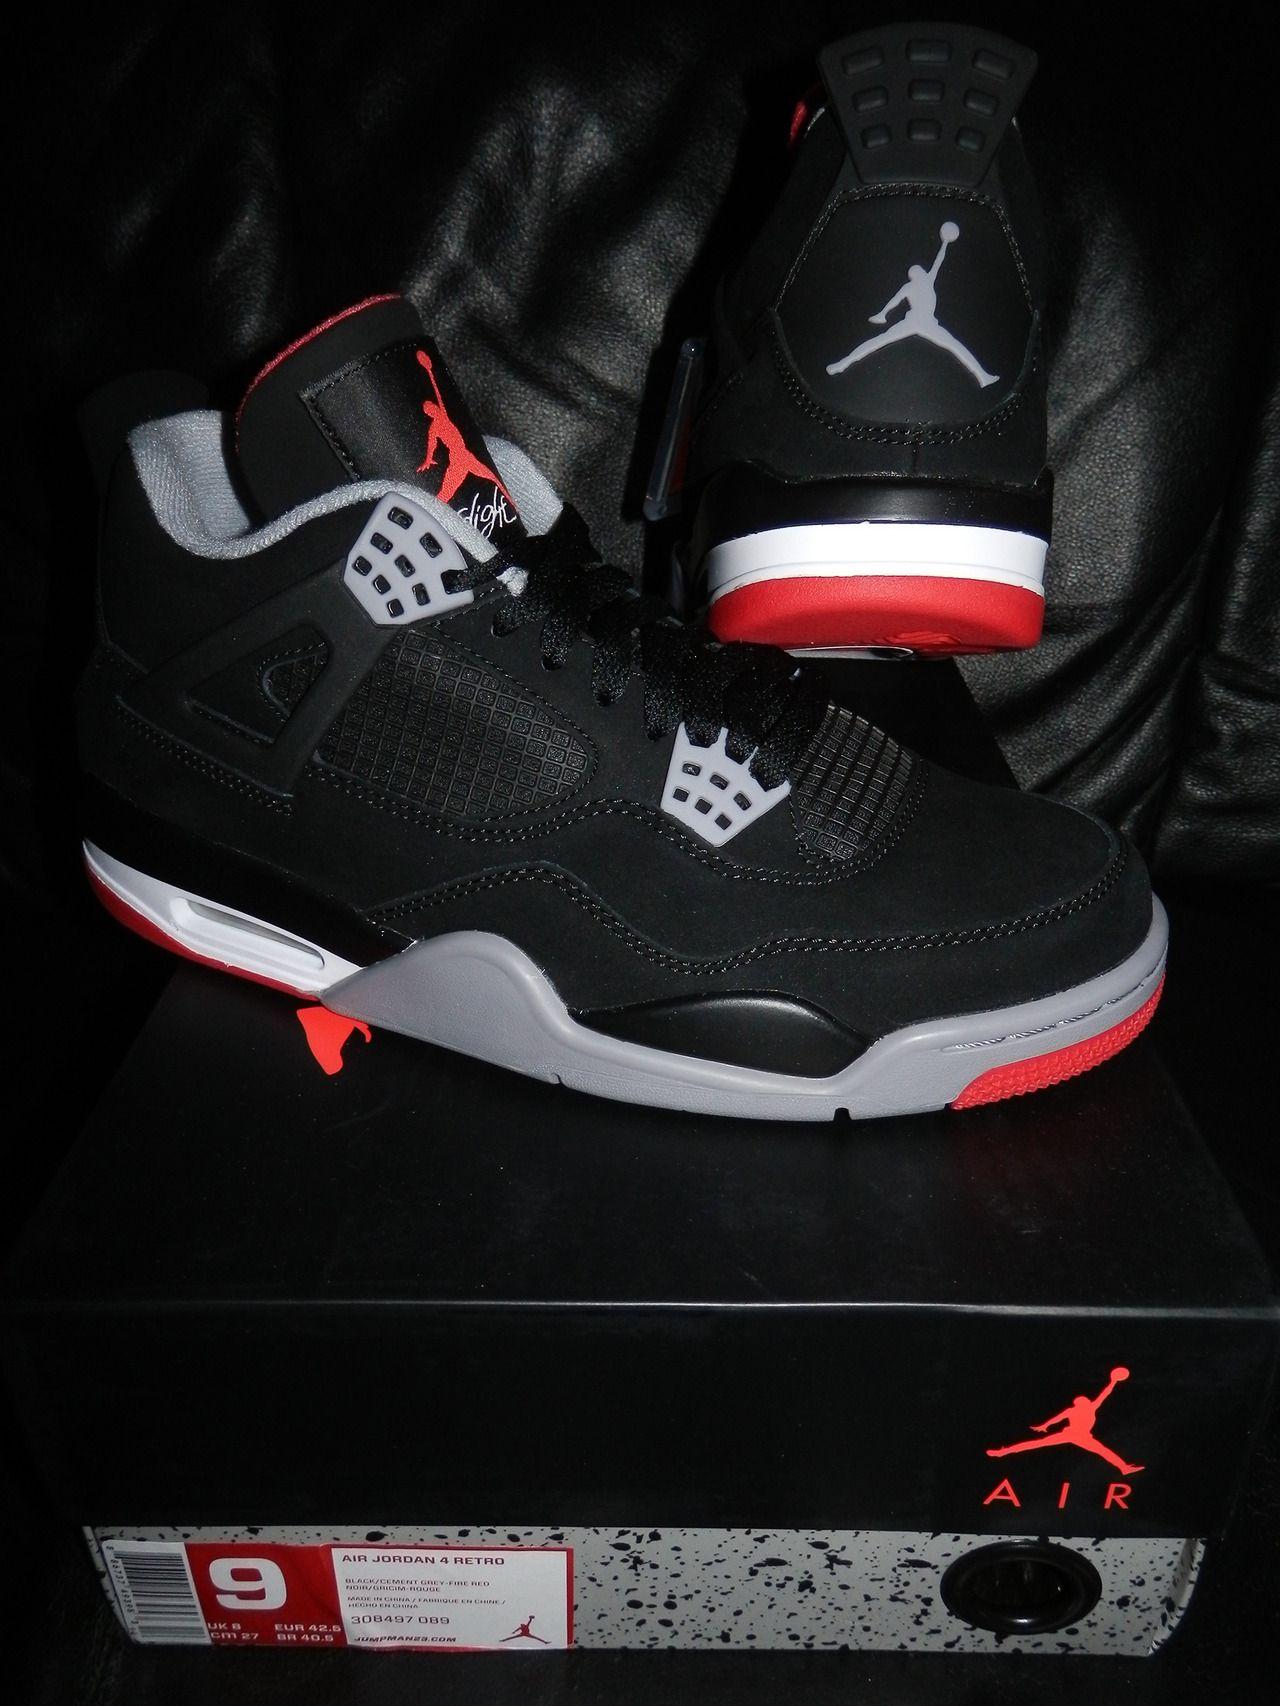 Nike Air Jordan IV Bred 9 US DS 150 € +